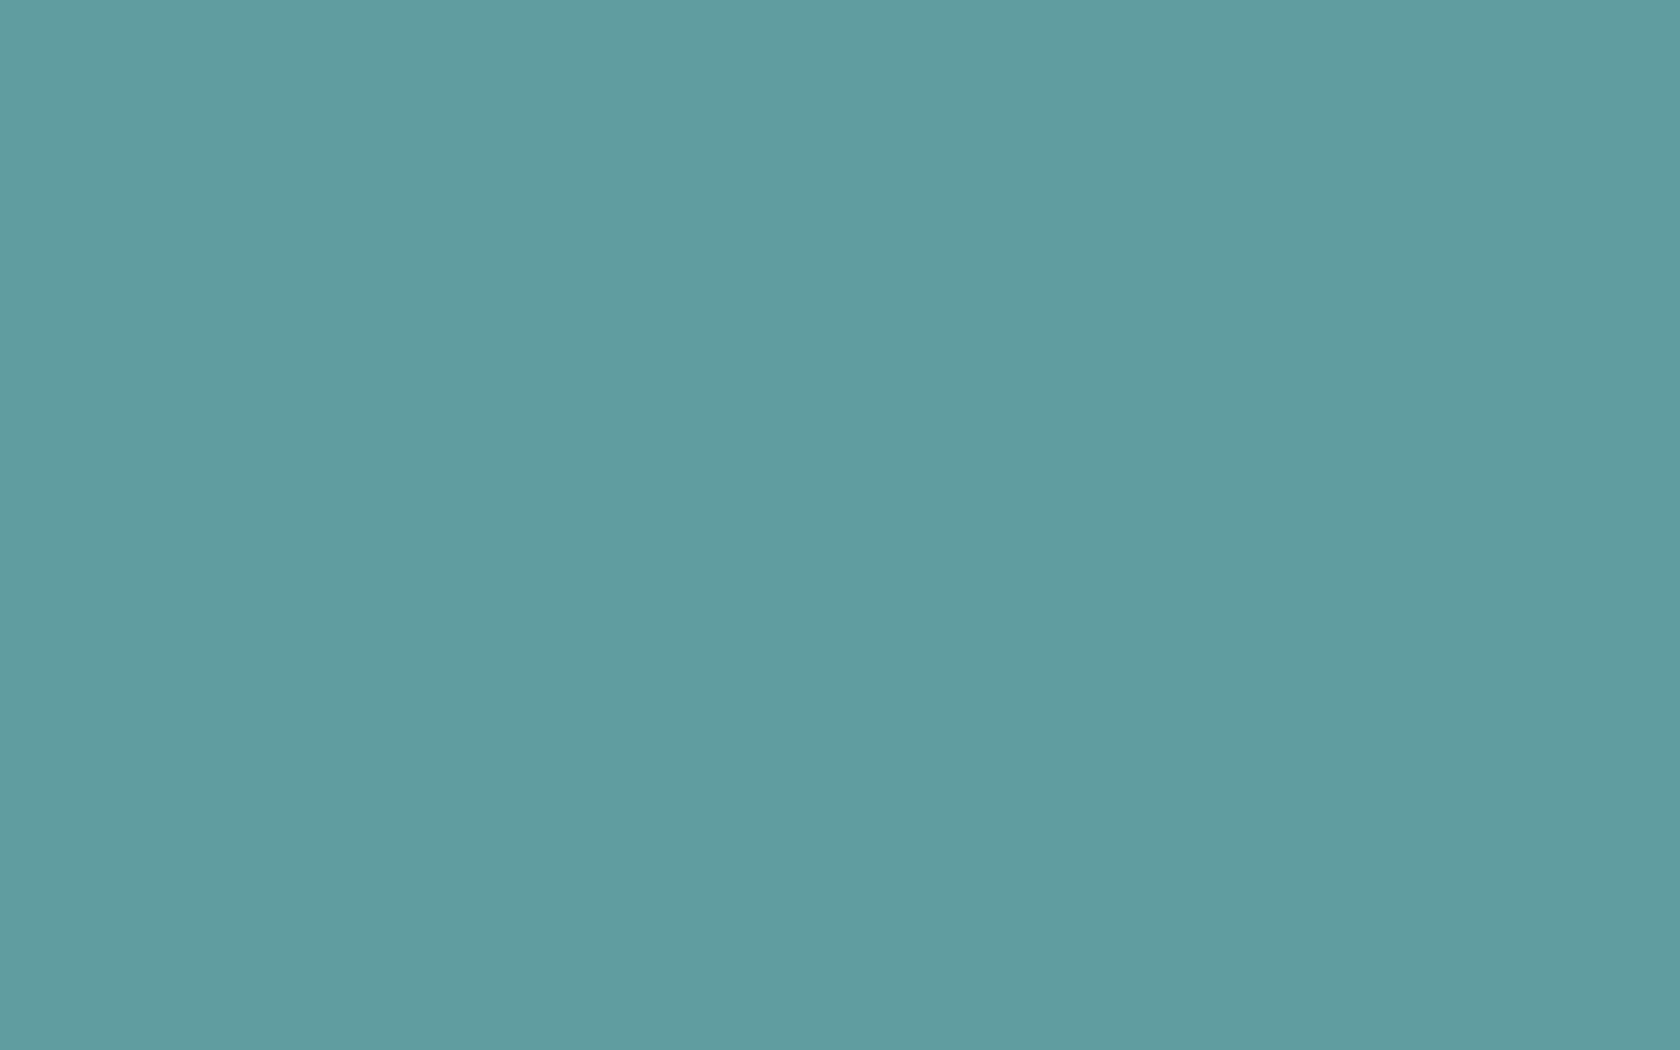 1680x1050 Cadet Blue Solid Color Background